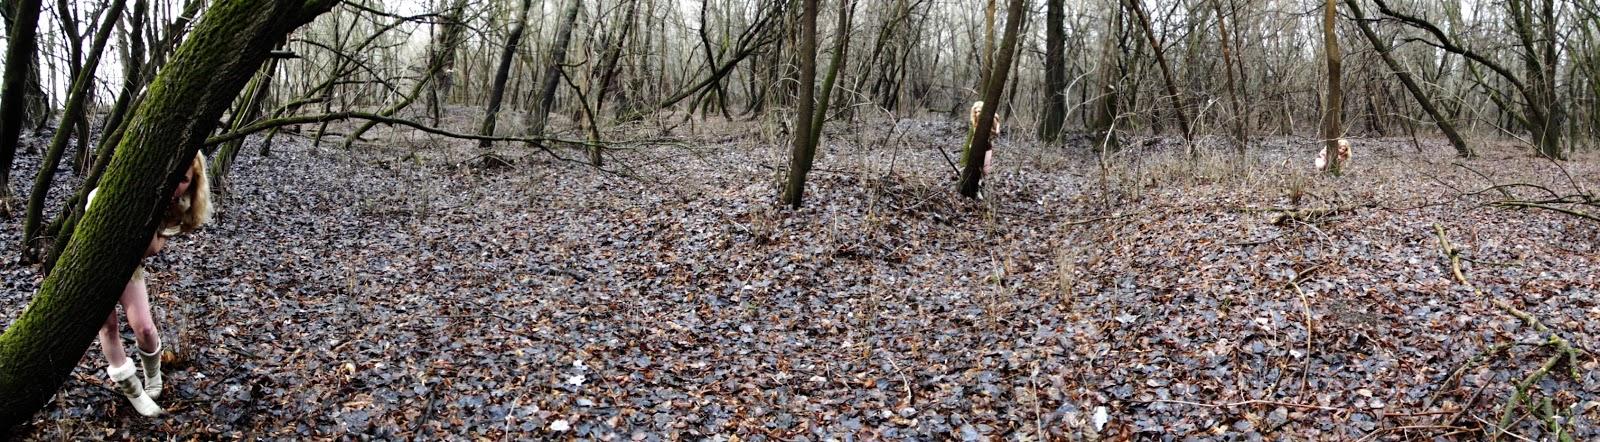 Játék az erdőben I.